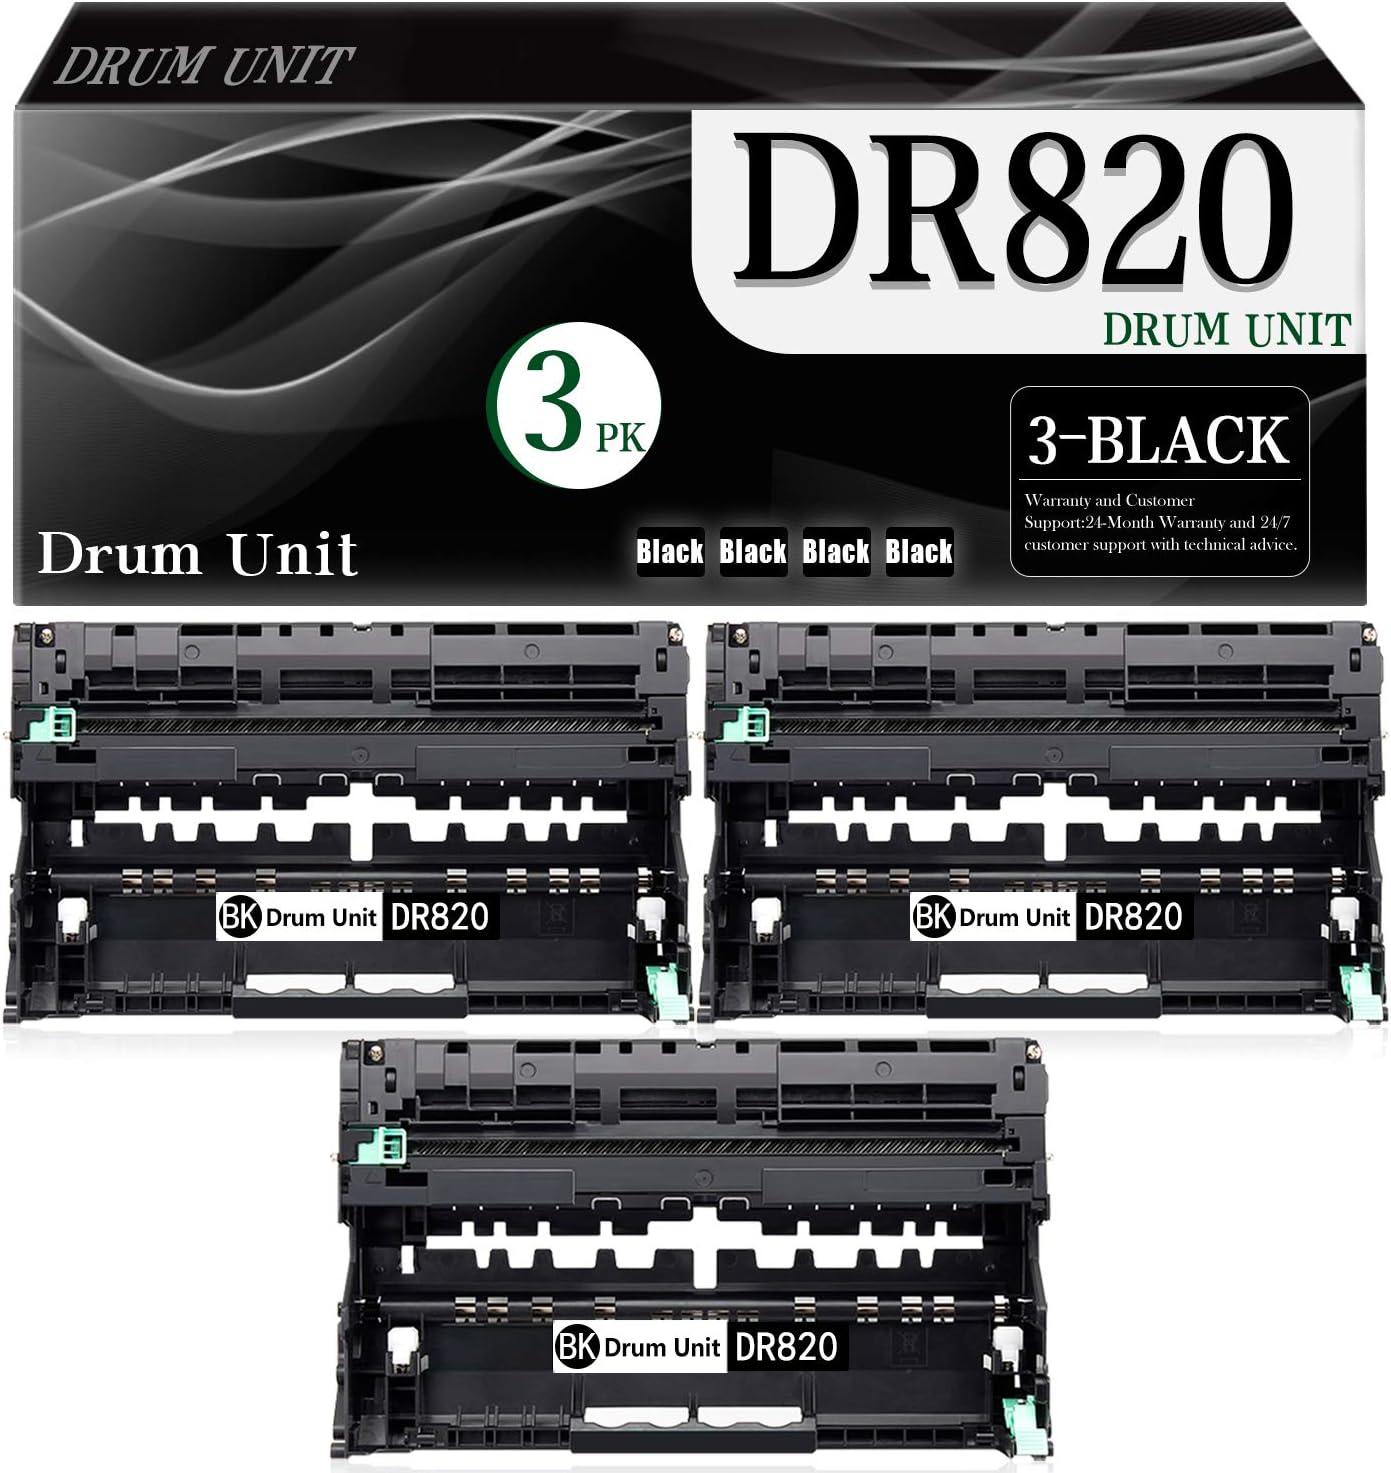 3-Pack (Black) DR820 Compatible Drum Unit Replacement for Brother DCP-L5500DN L5600DN L5650DN MFC-L6700DW L5700DW L5800DW L5900DW L6800DW L6900DW HL-L6200DW L6300DW L5000D L5200DW Printer